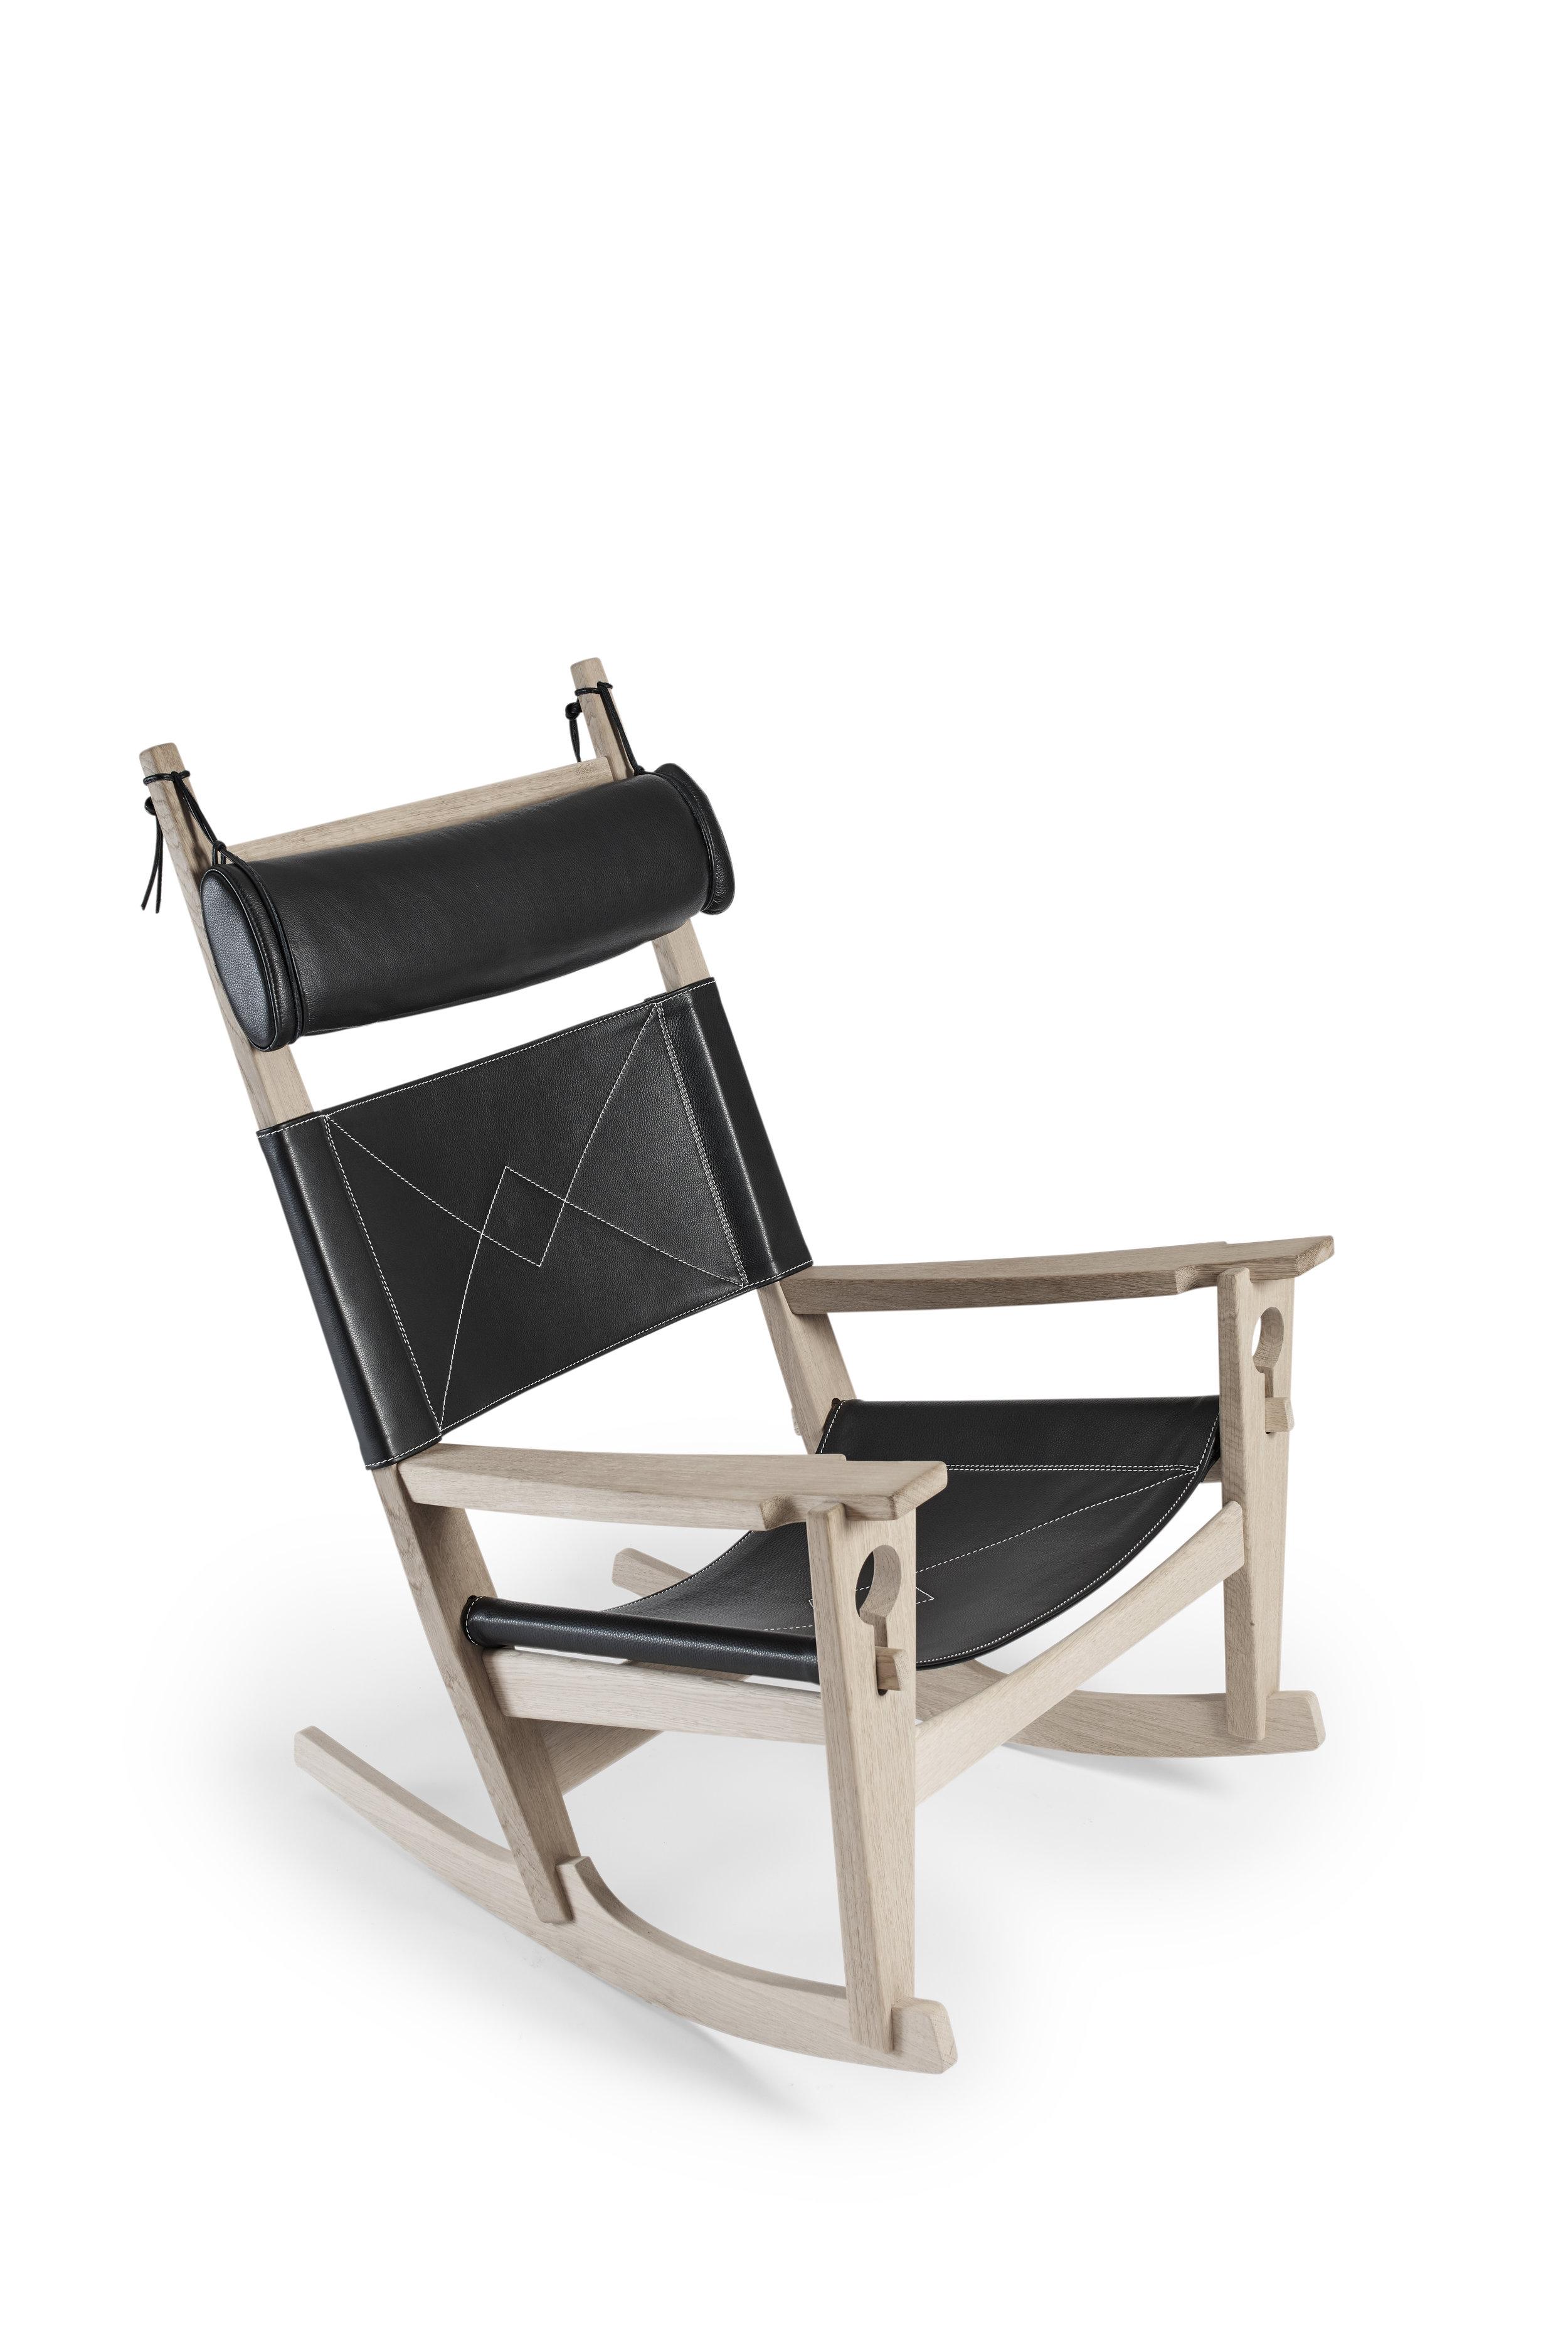 GE_673_GE673_Rocking_Chair_Hans_Wegner_Getama_Gestalt_NewYork_1.jpg